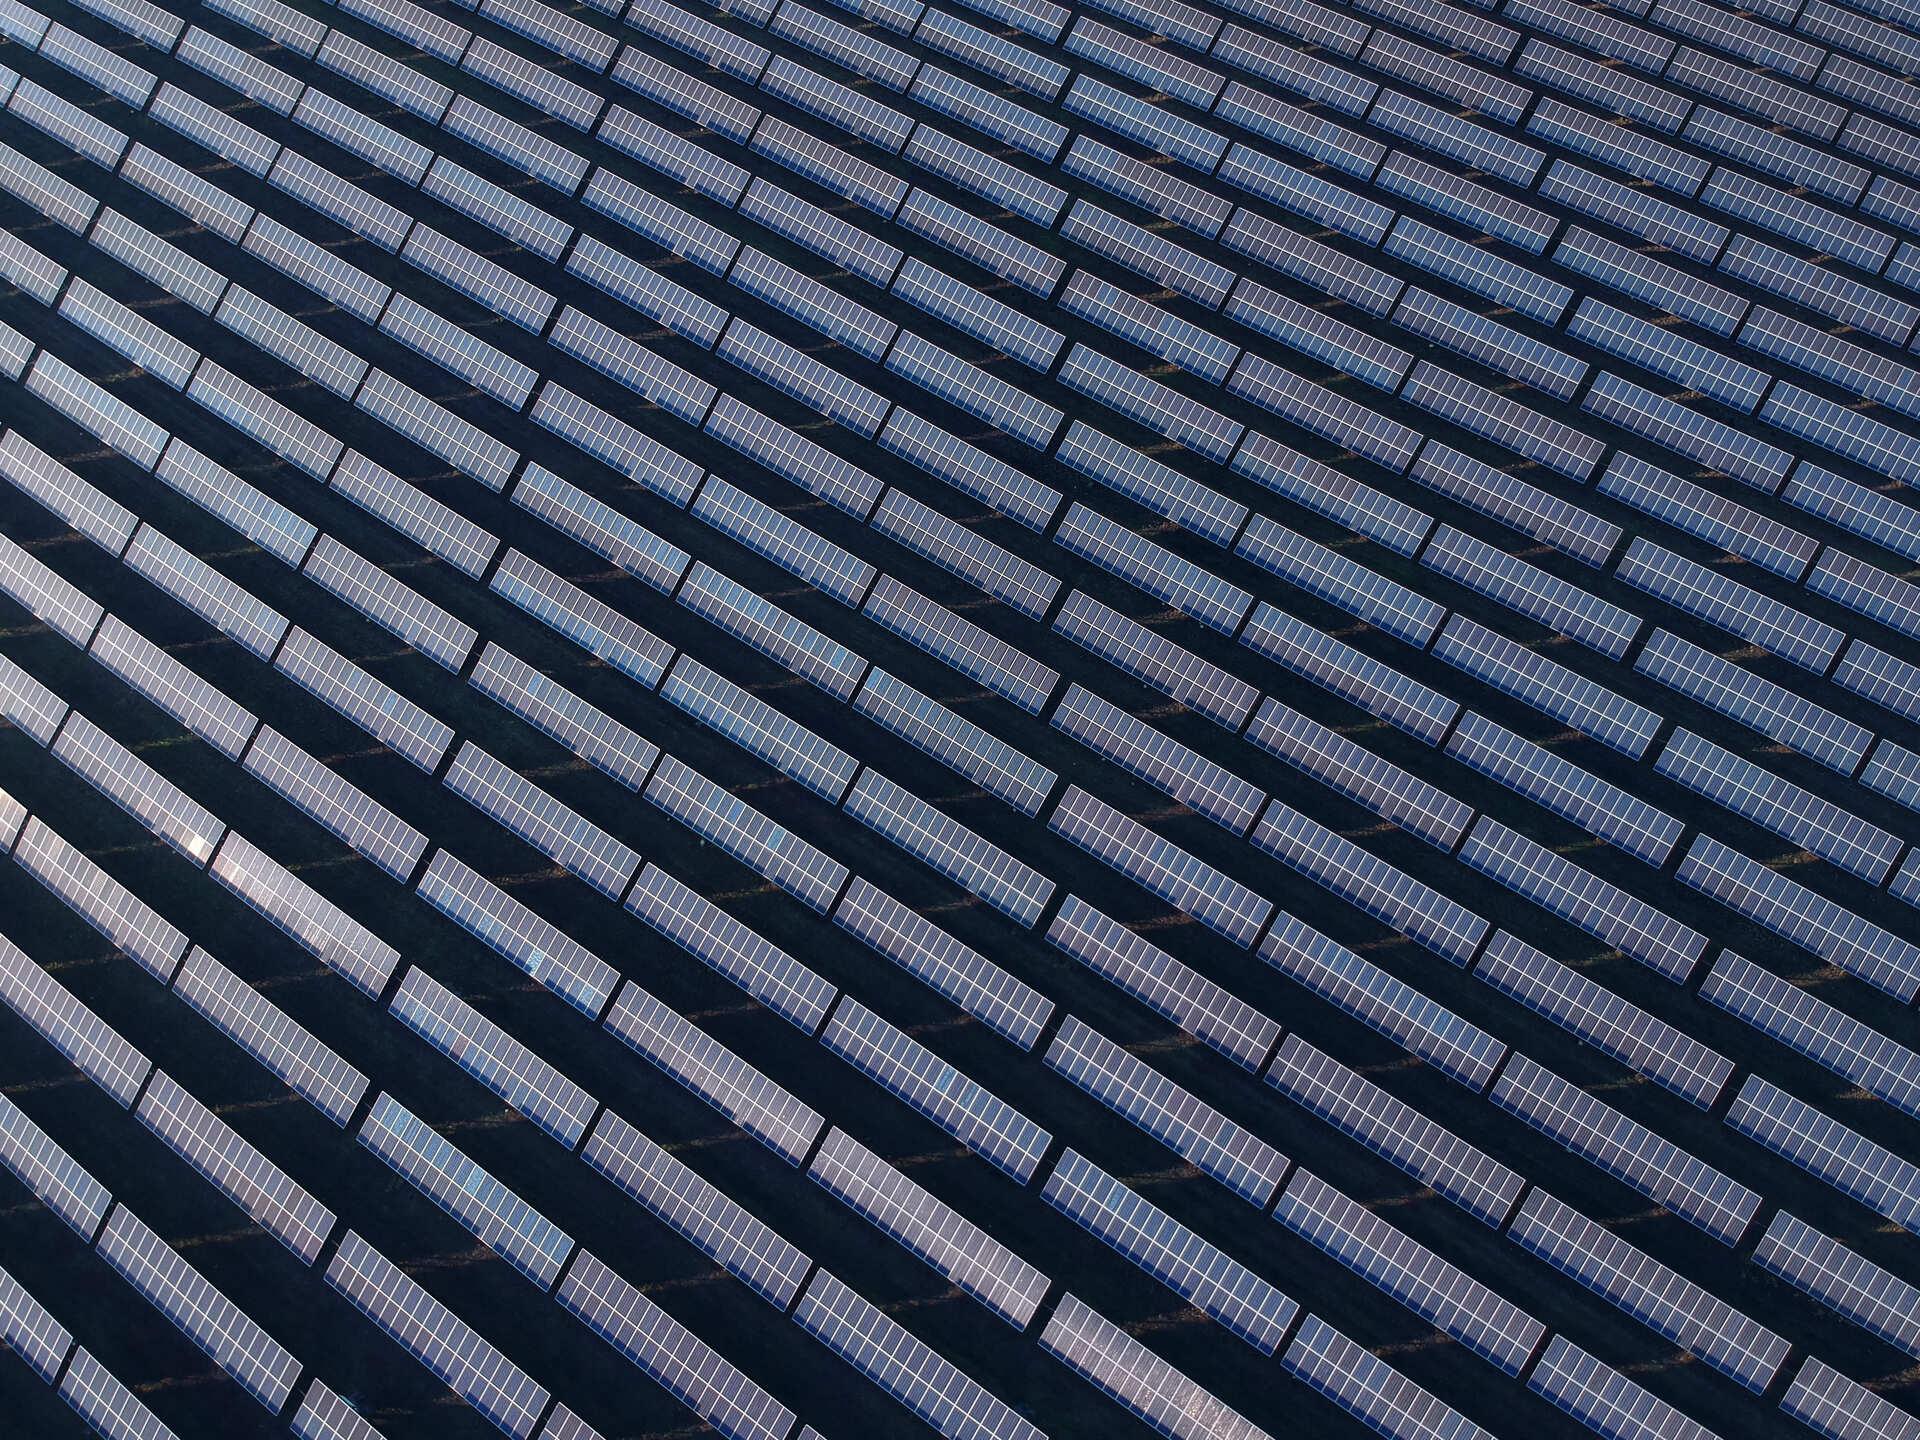 Сонячна електростанція неподалік Новомосковська (Подніпров'я та Запоріжжя) — одна з найбільших у Європі. 25 жовтня 2020 року. Фото: Сергій Свердєлов.